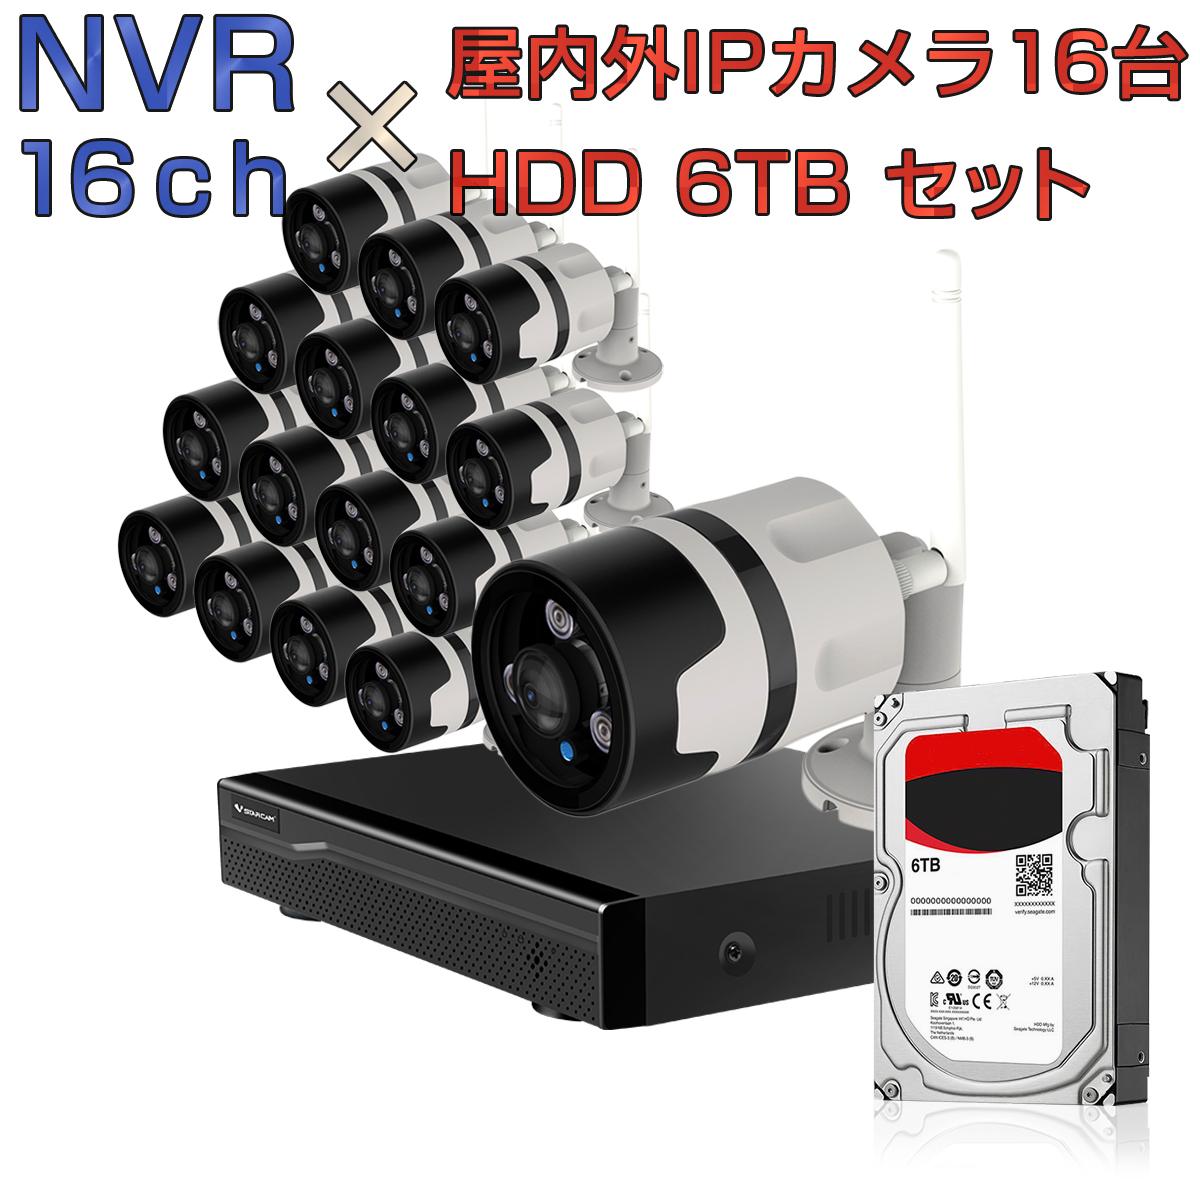 NVR ネットワークビデオレコーダー 16ch HDD6TB内蔵 C63S 2K 1080P 200万画素カメラ 16台セット IP ONVIF形式 スマホ対応 遠隔監視 1080P FHD 動体検知 同時出力 録音対応 H.265+ IPカメラレコーダー監視システム 宅配便送料無料 1年保証